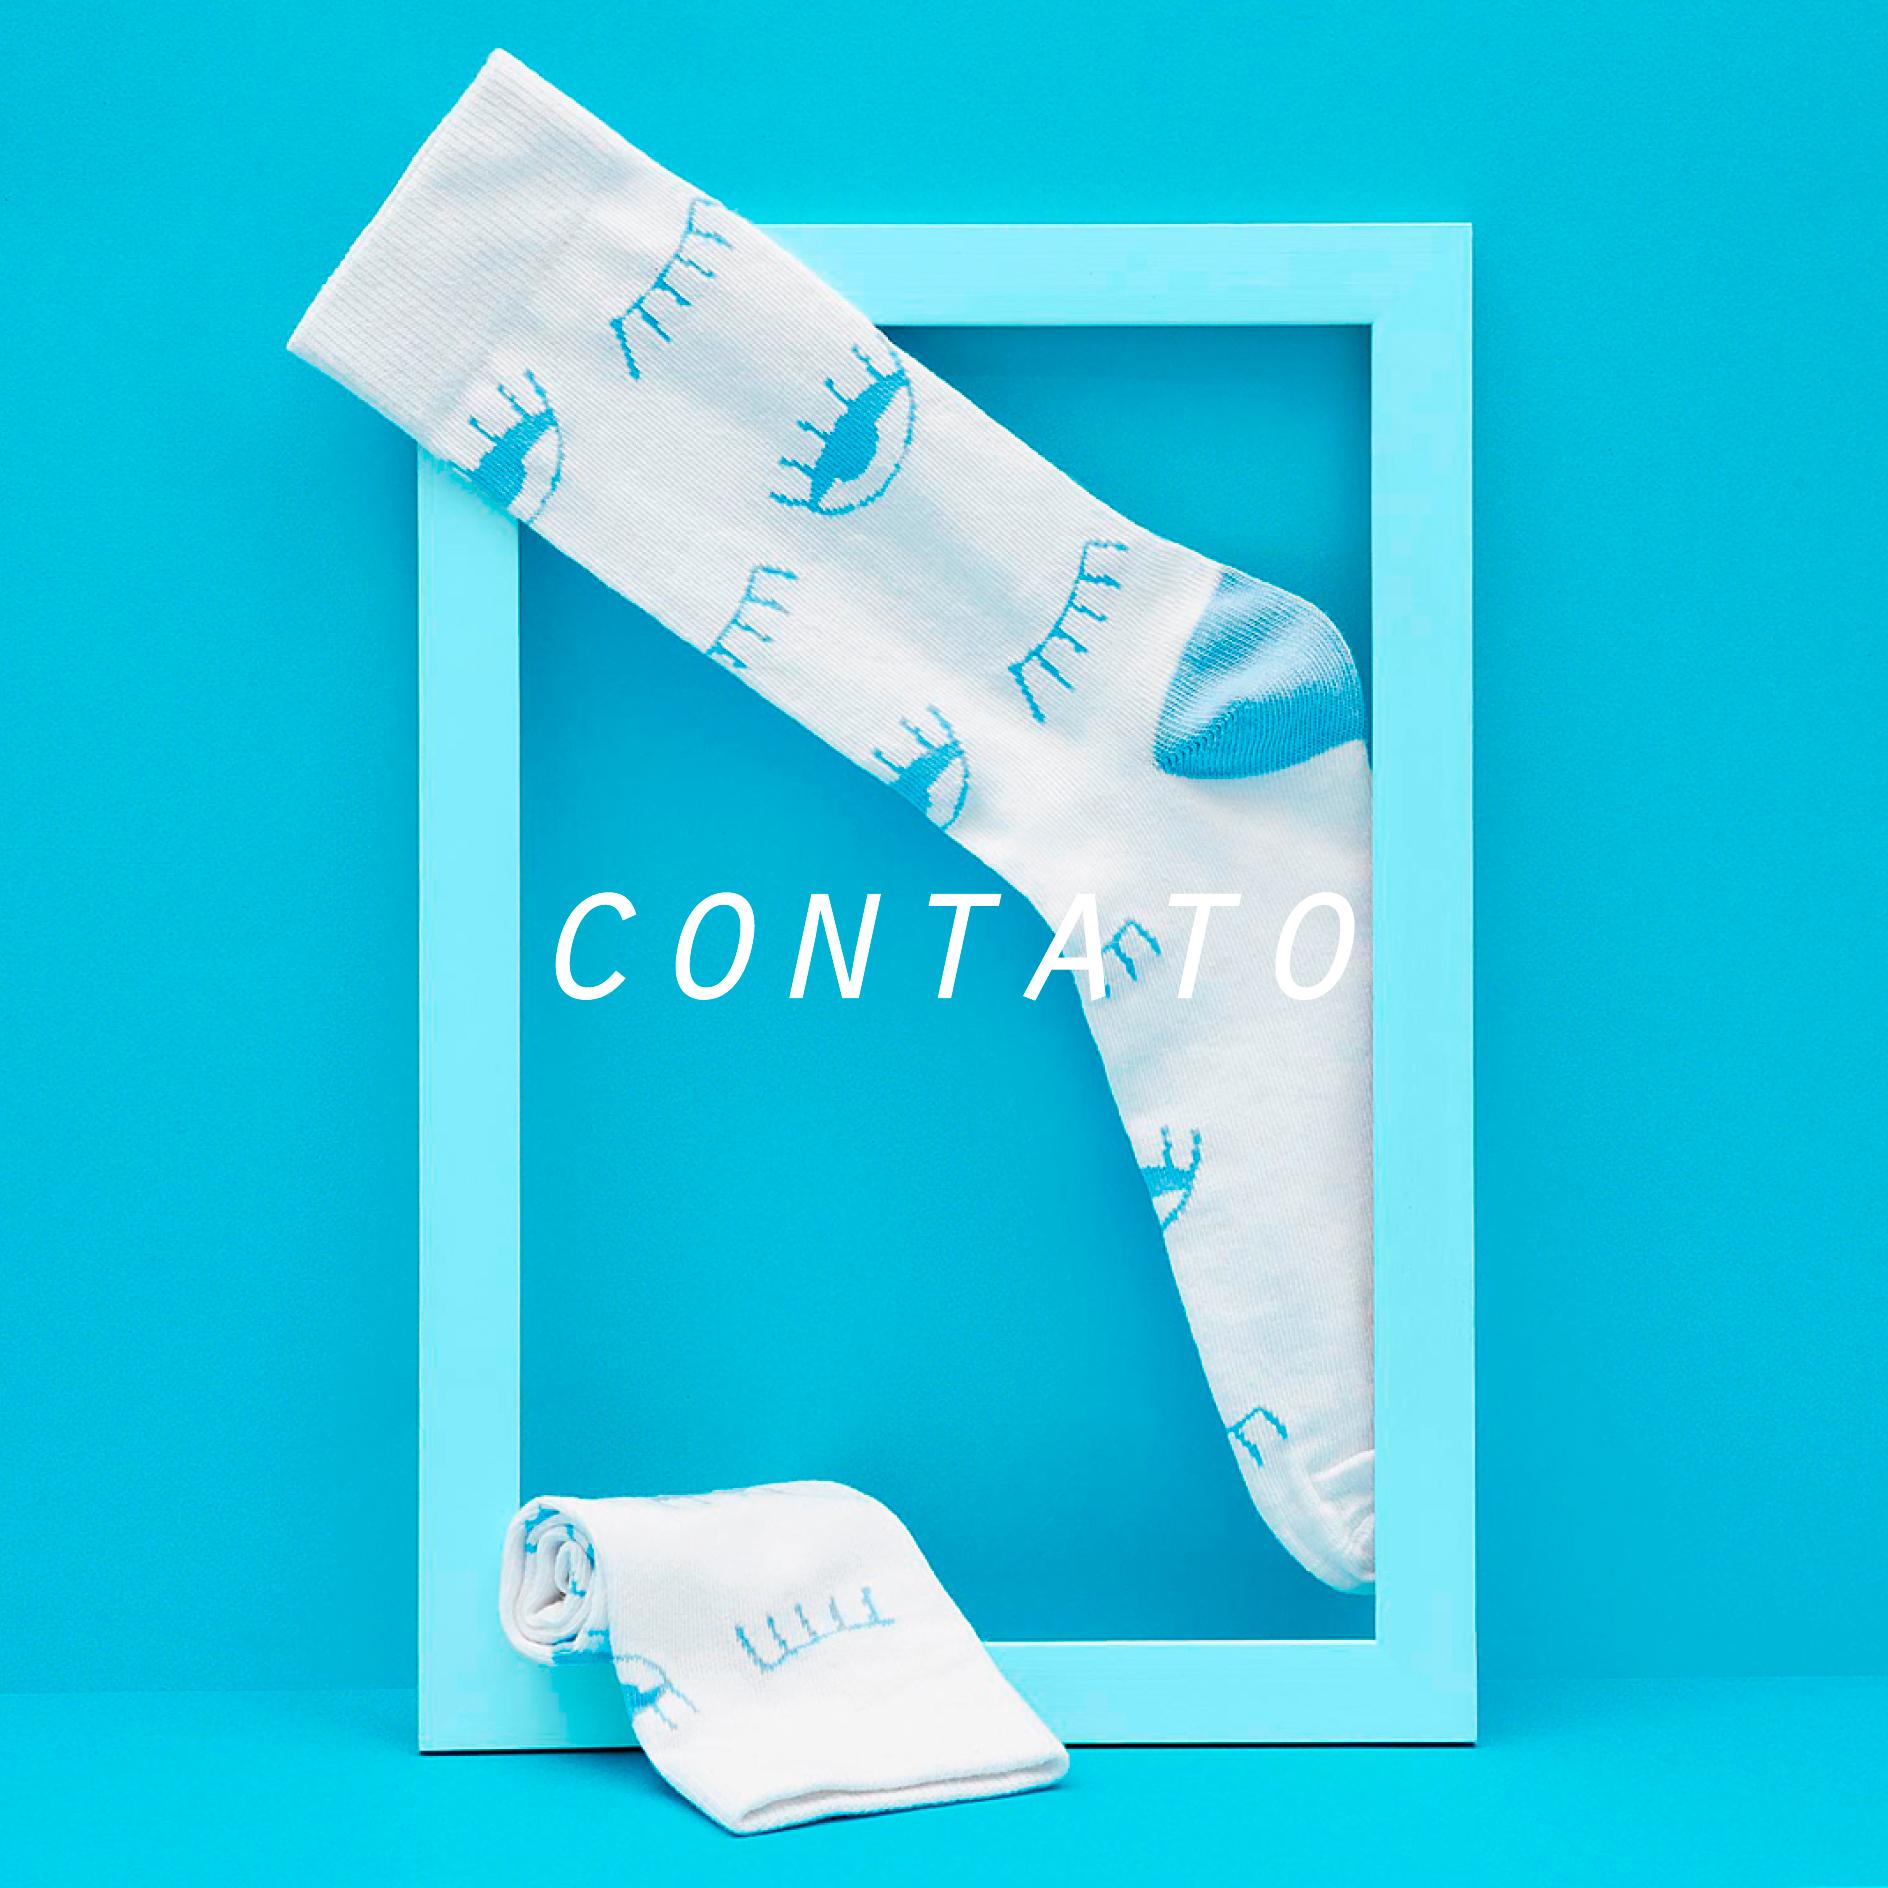 sotb_contato-socks-on-the-beat